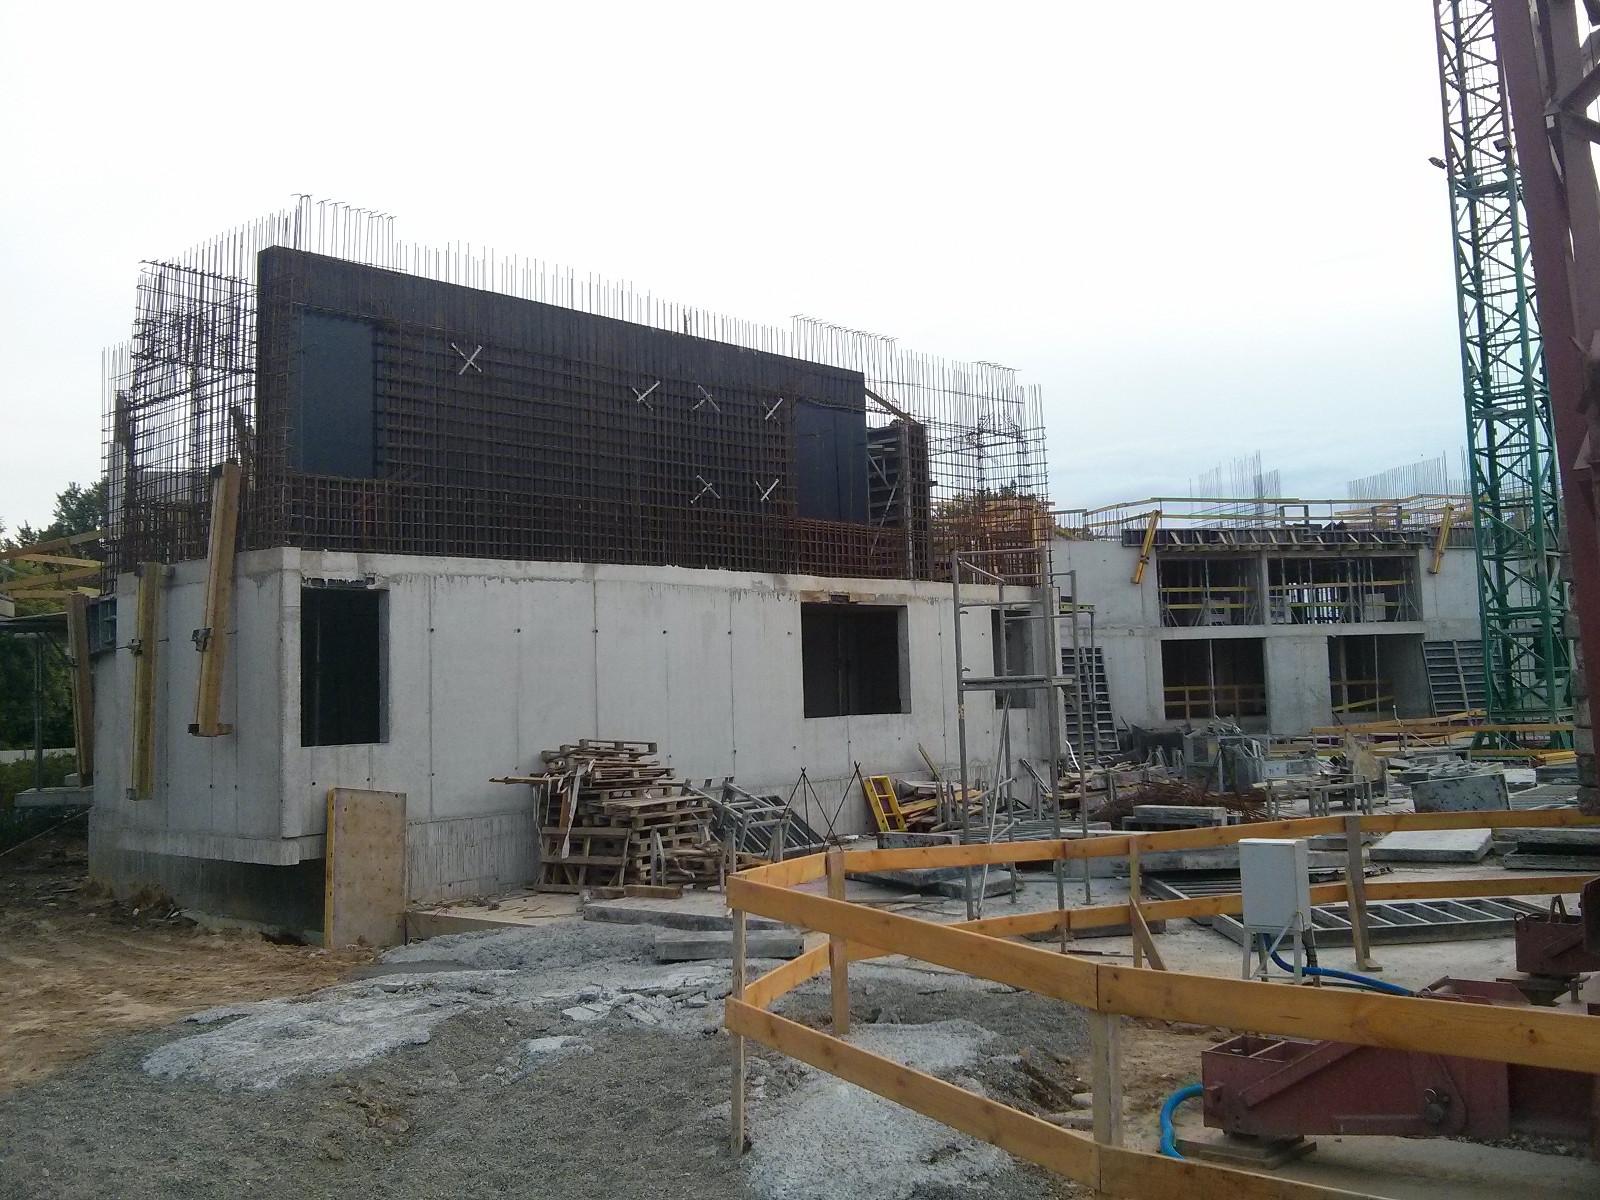 Nowe mieszkania Budimex - powstawanie osiedla Avia 5